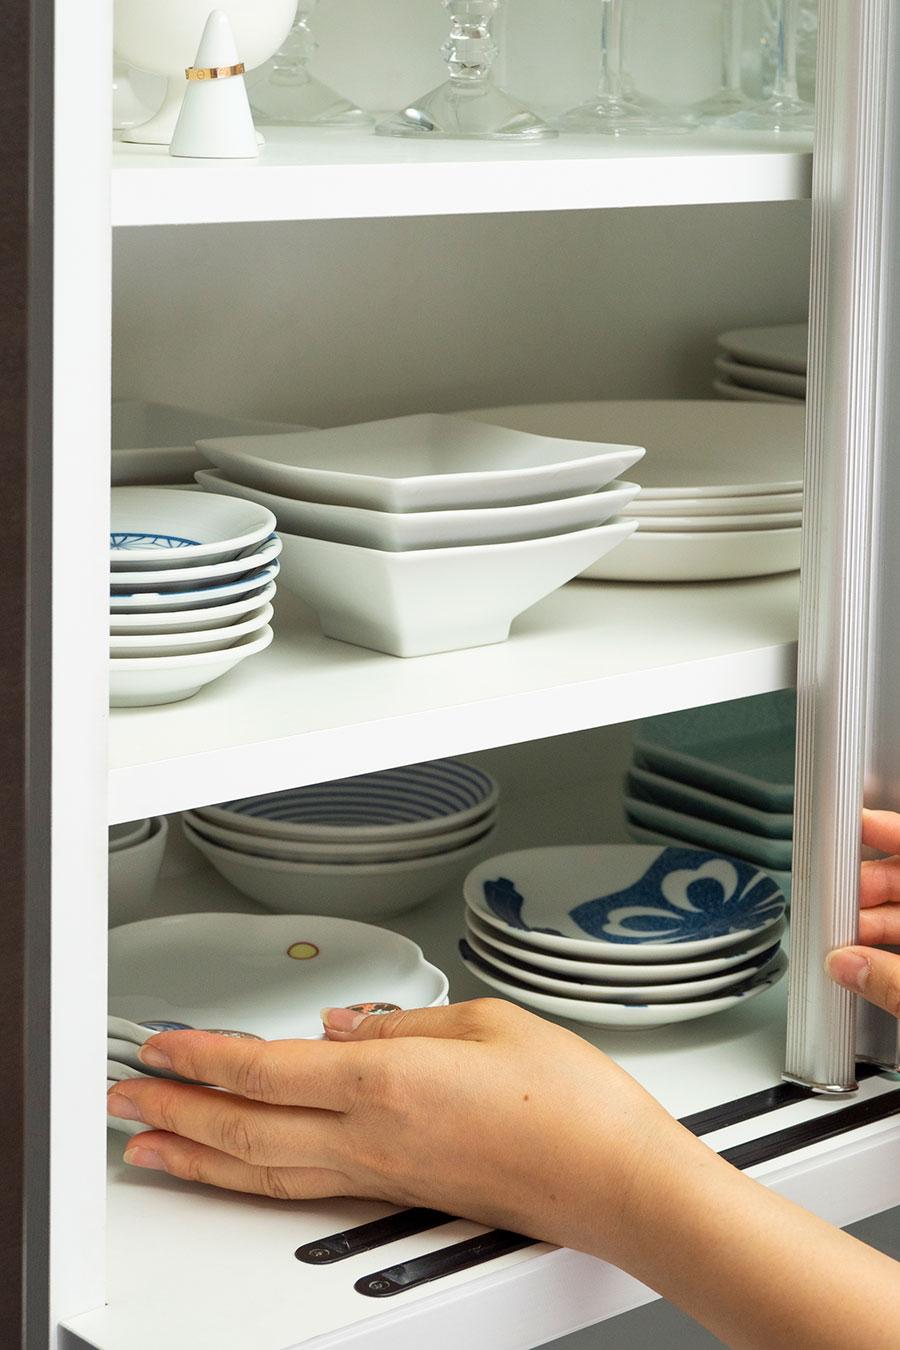 よく使う食器は、扉を全開しなくても取り出せる端の方に置いている。